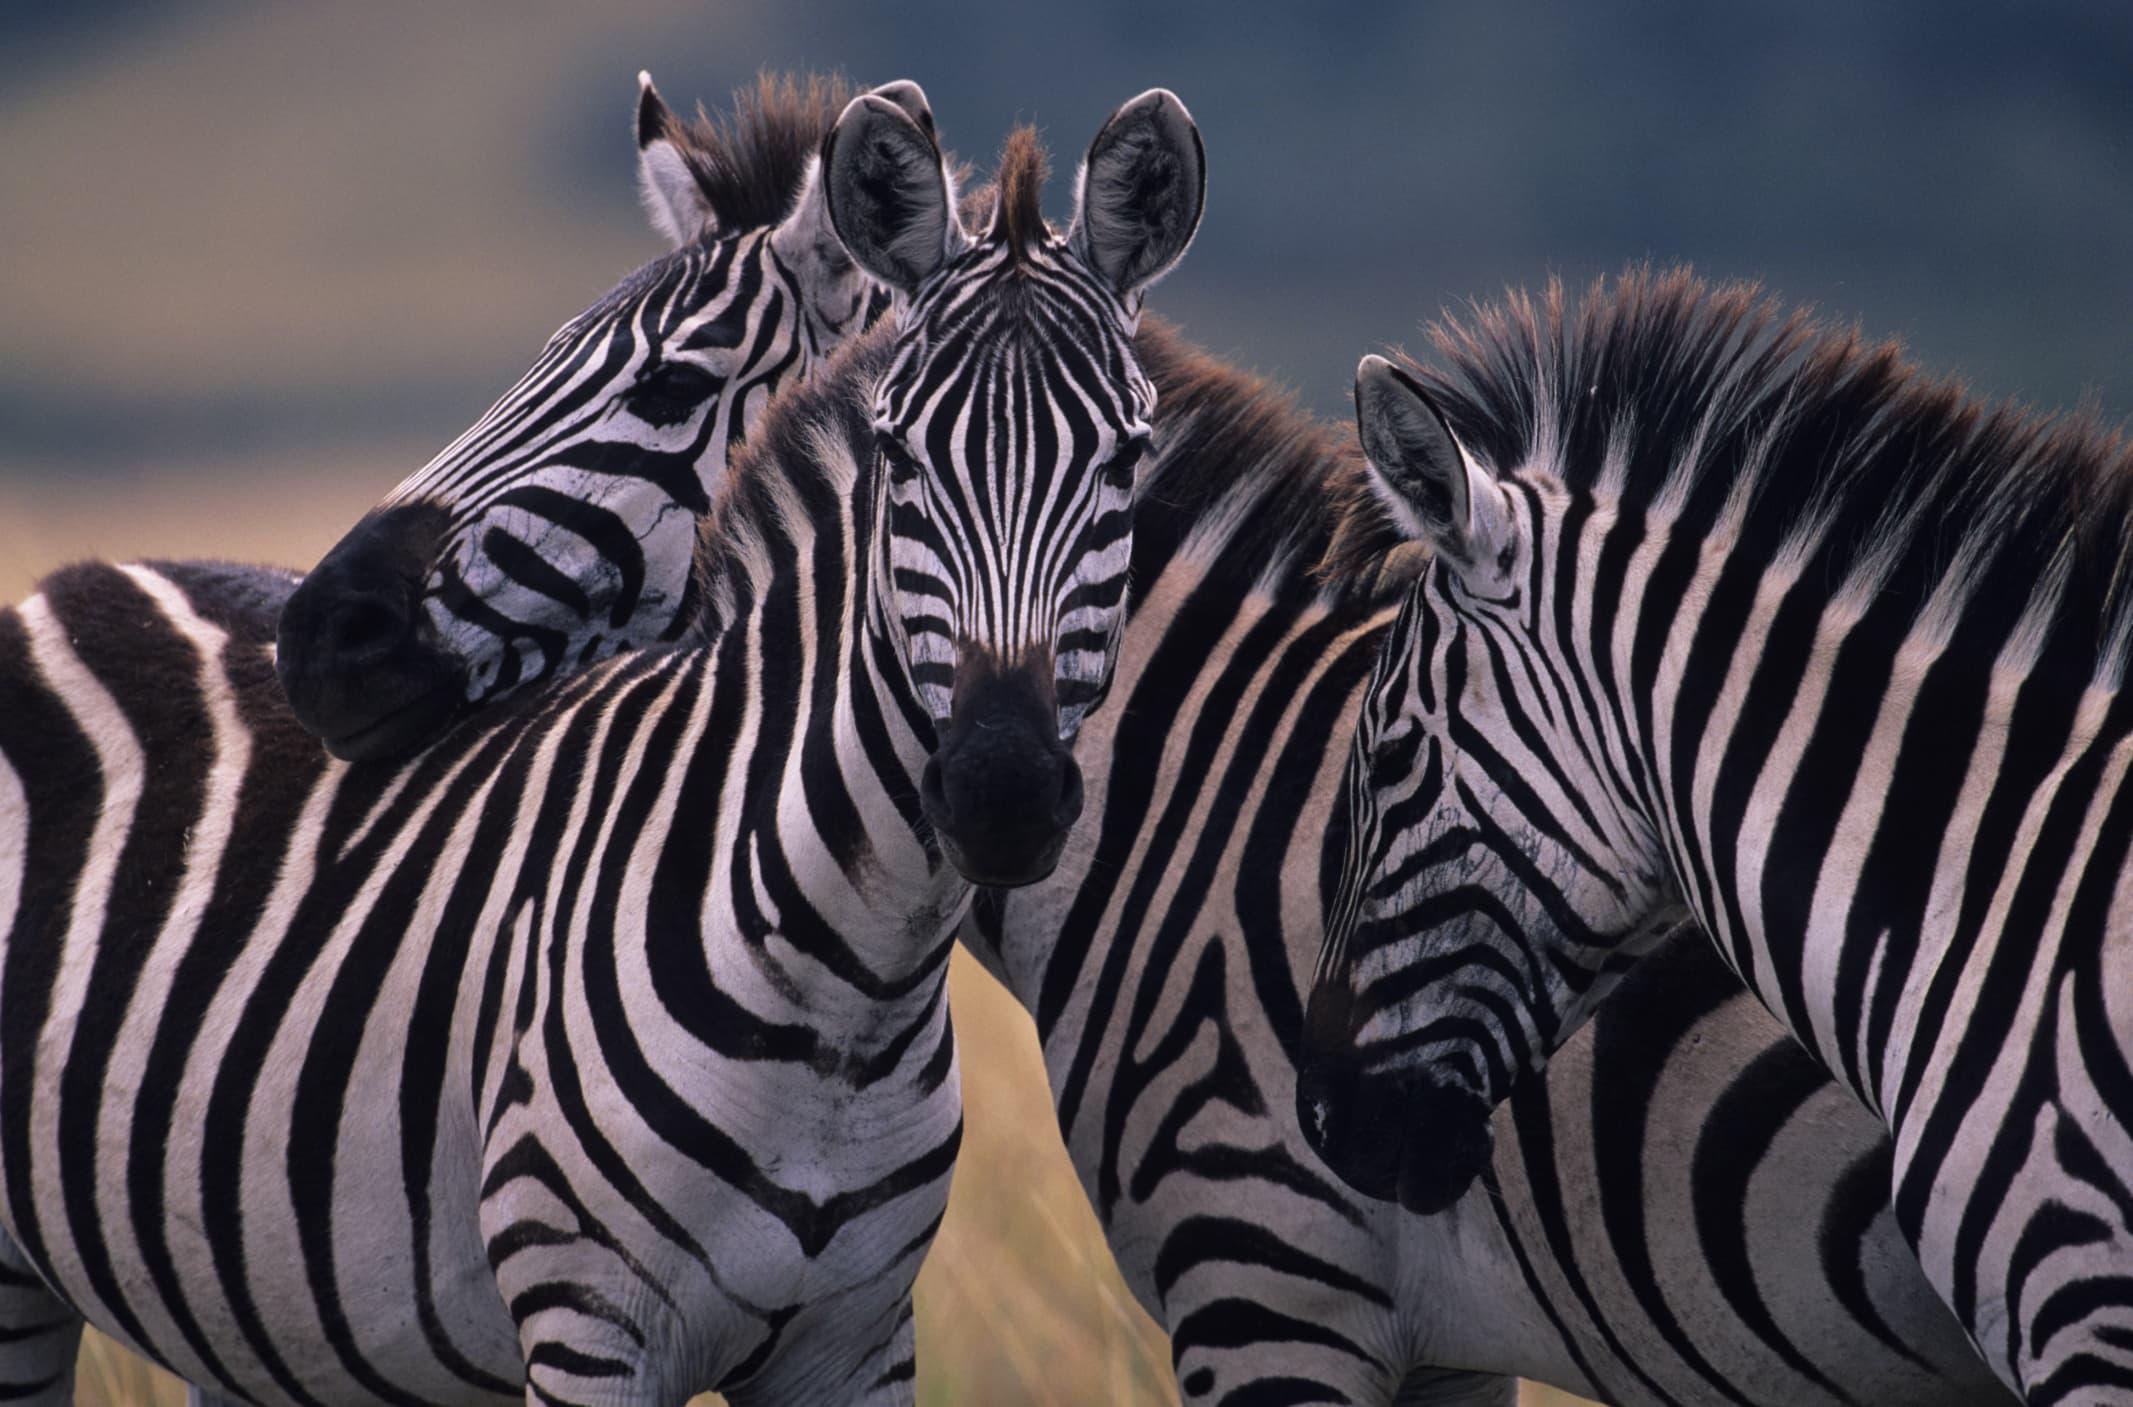 Полоски защищают зебр от назойливых мух